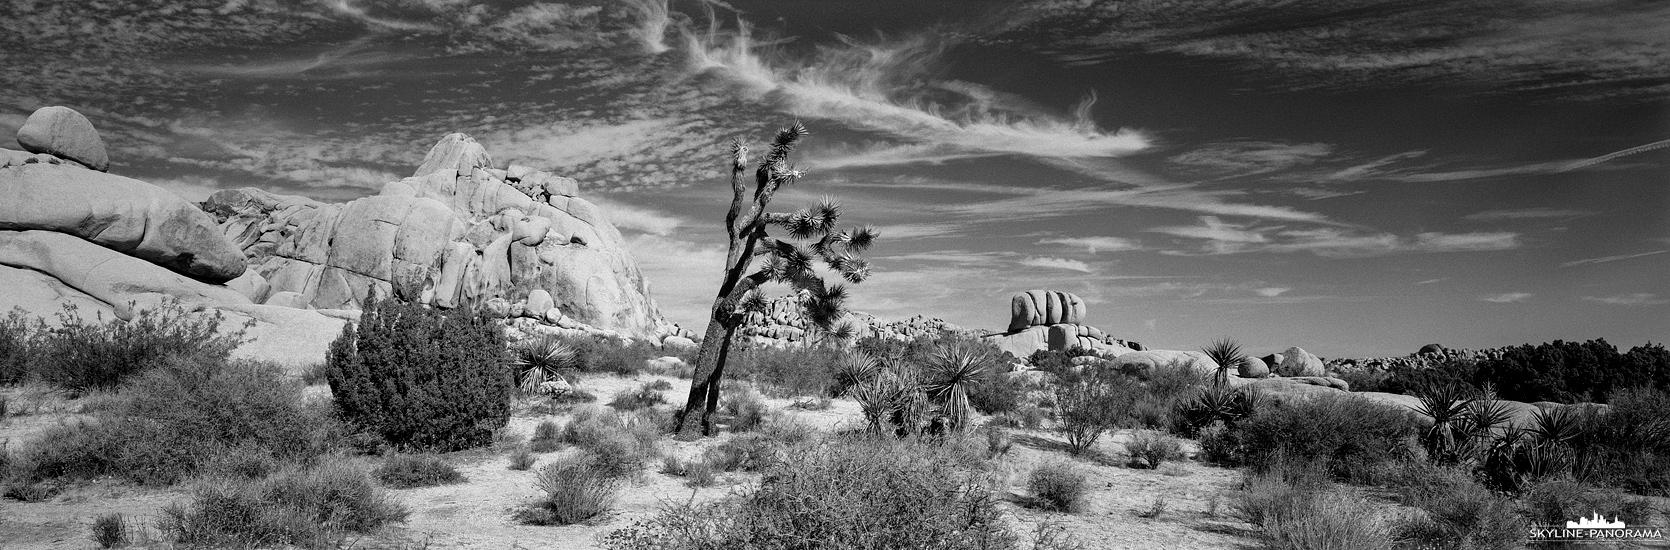 Der Joshua Tree National Park, im Süden des US-Bundesstaates Kalifornien, gehört zu den bekanntesten und zugleich auch zu den sehenswertesten National Parks an der Westküste der Vereinigten Staaten. Auf diesem 6x17 Panorama in schwarzweiß ist ein Teil der Jumbo Rocks mit einem einzelnen Joshua Baum zu sehen.